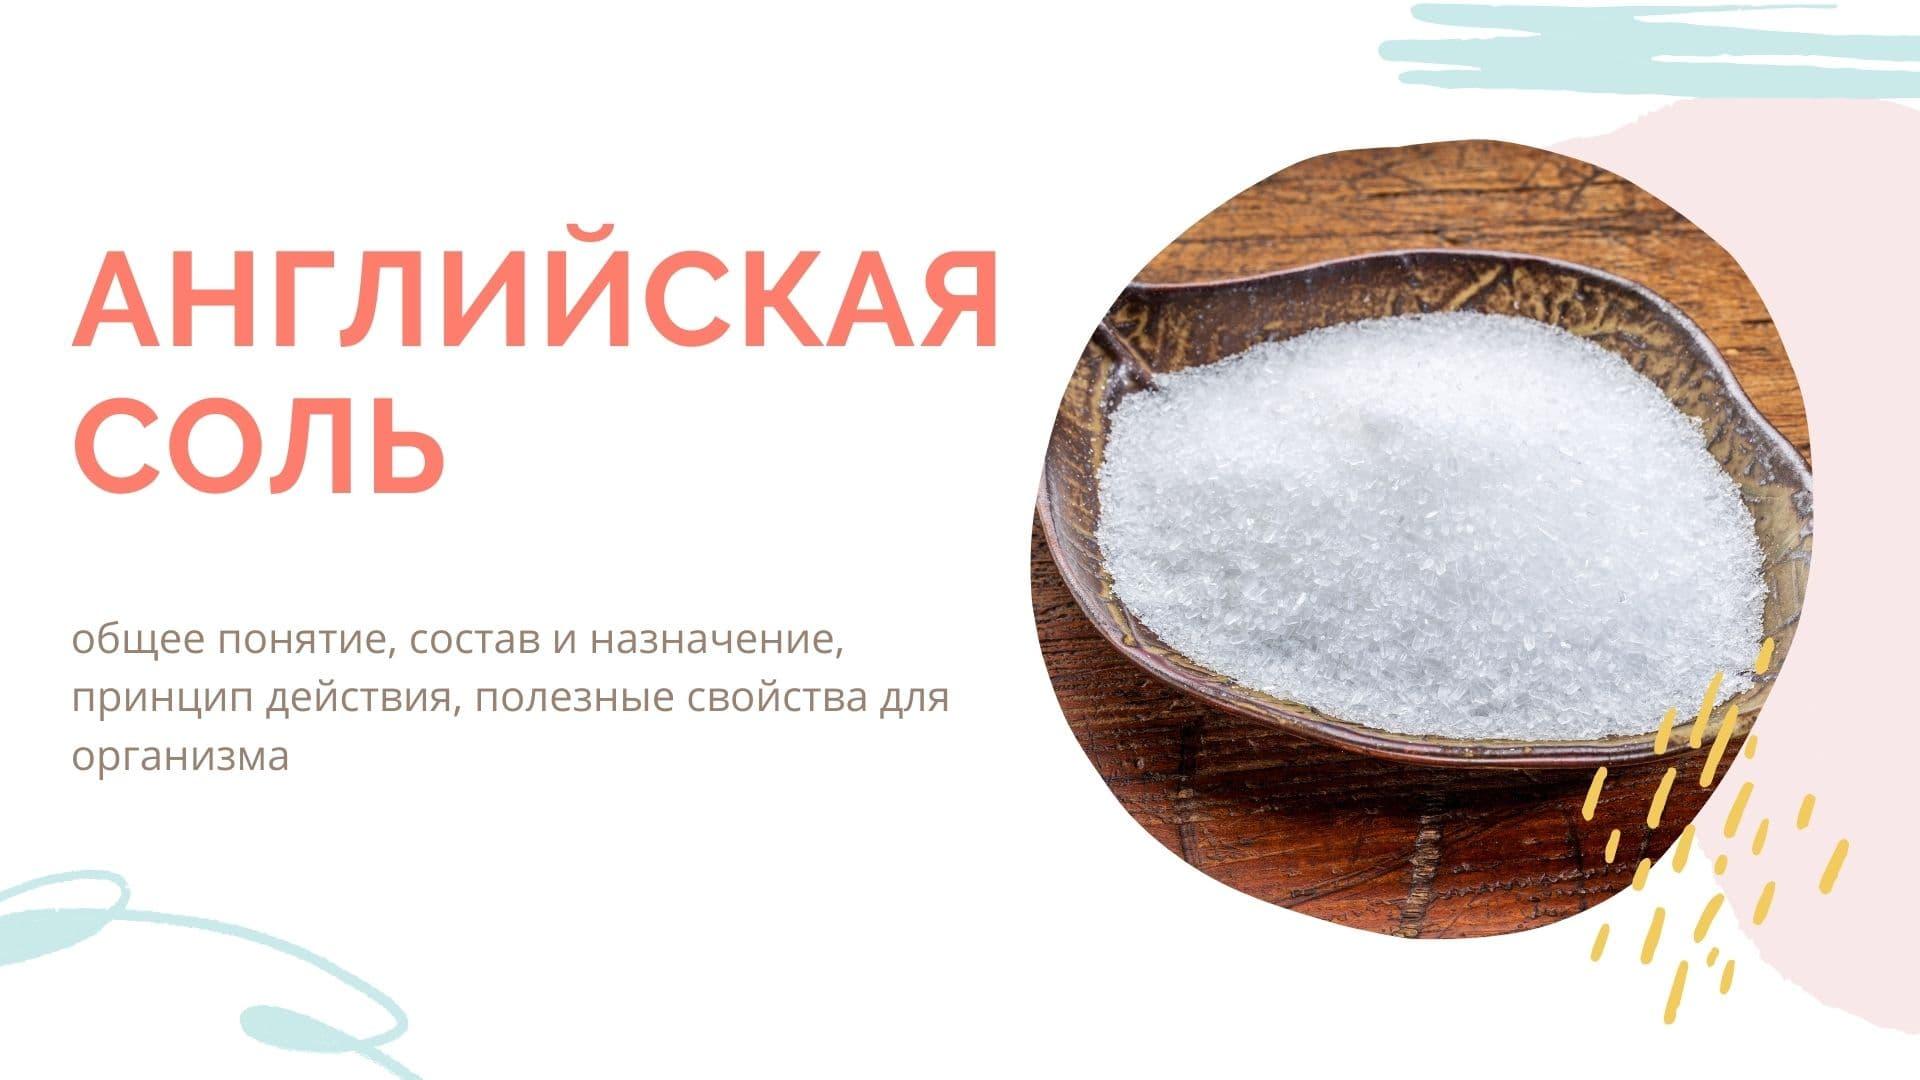 Английская соль: общее понятие, состав и назначение, принцип действия, полезные свойства для организма